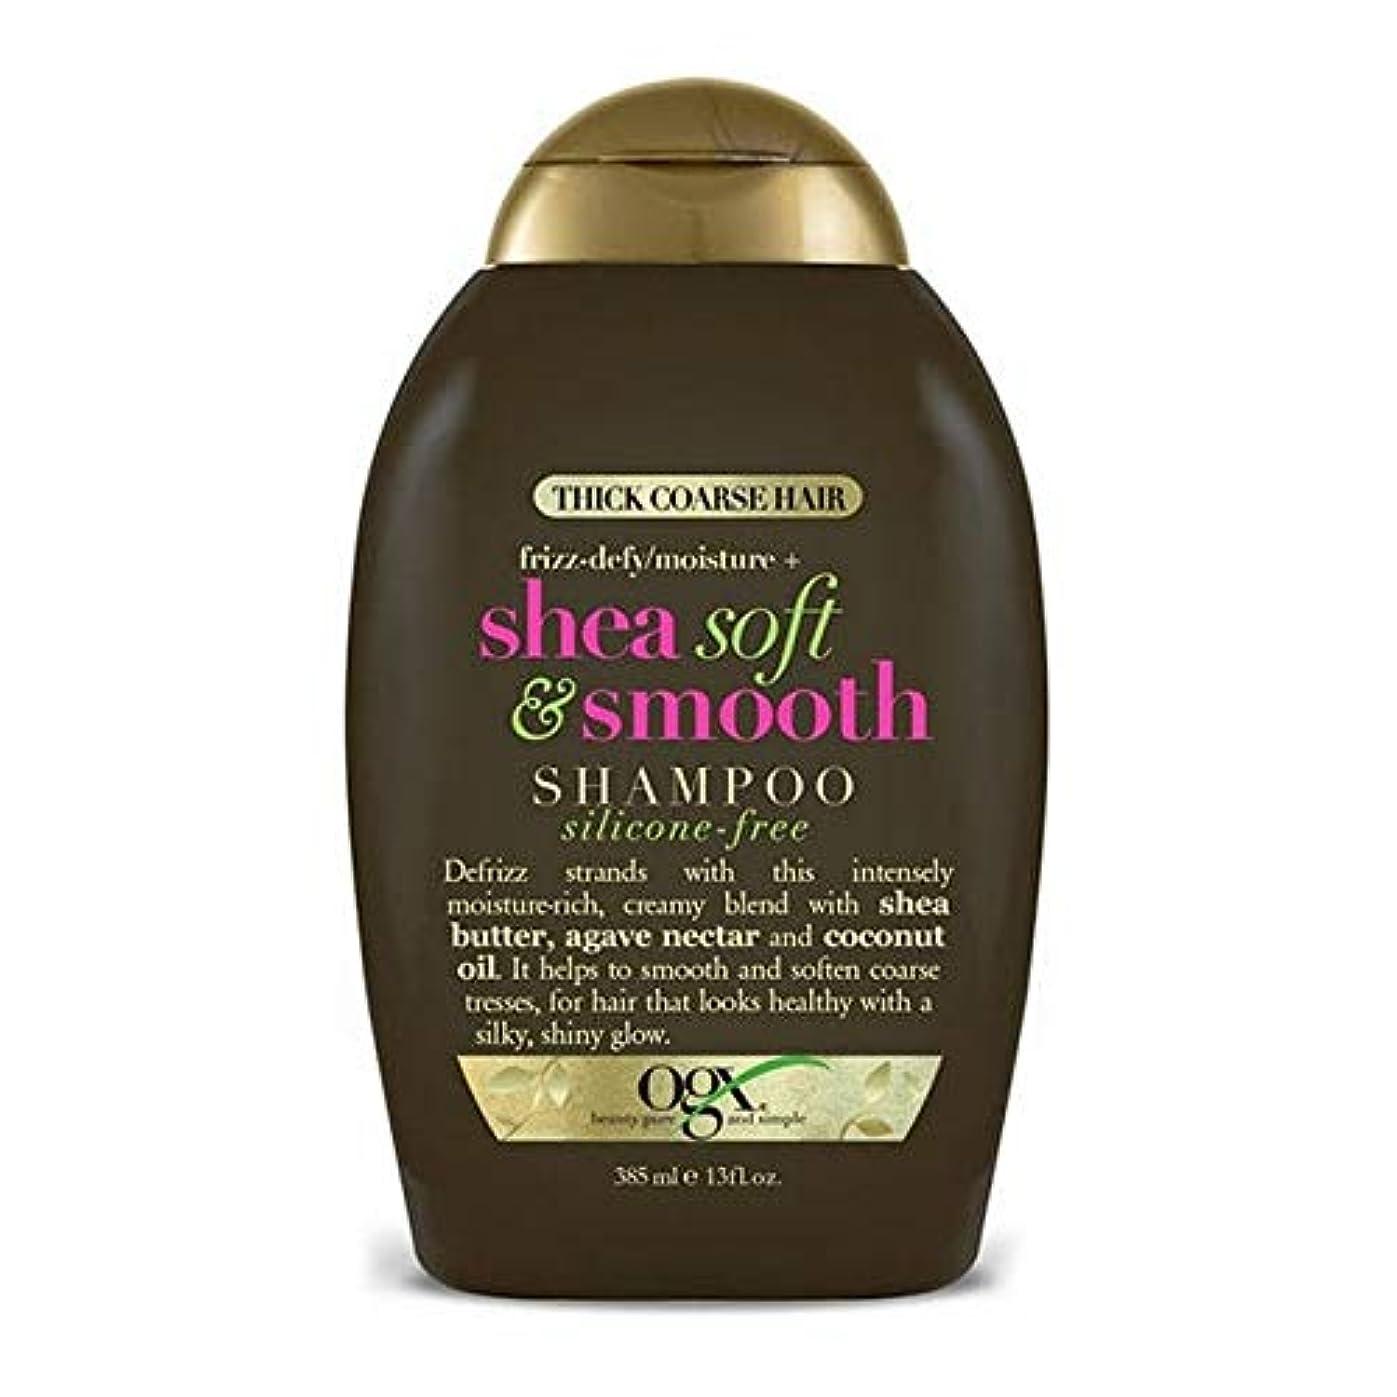 毛布スキル肩をすくめる[Ogx] Ogxシリコンフリーシアソフトで滑らかなシャンプー385ミリリットル - OGX Silicone-Free Shea Soft and Smooth Shampoo 385ml [並行輸入品]